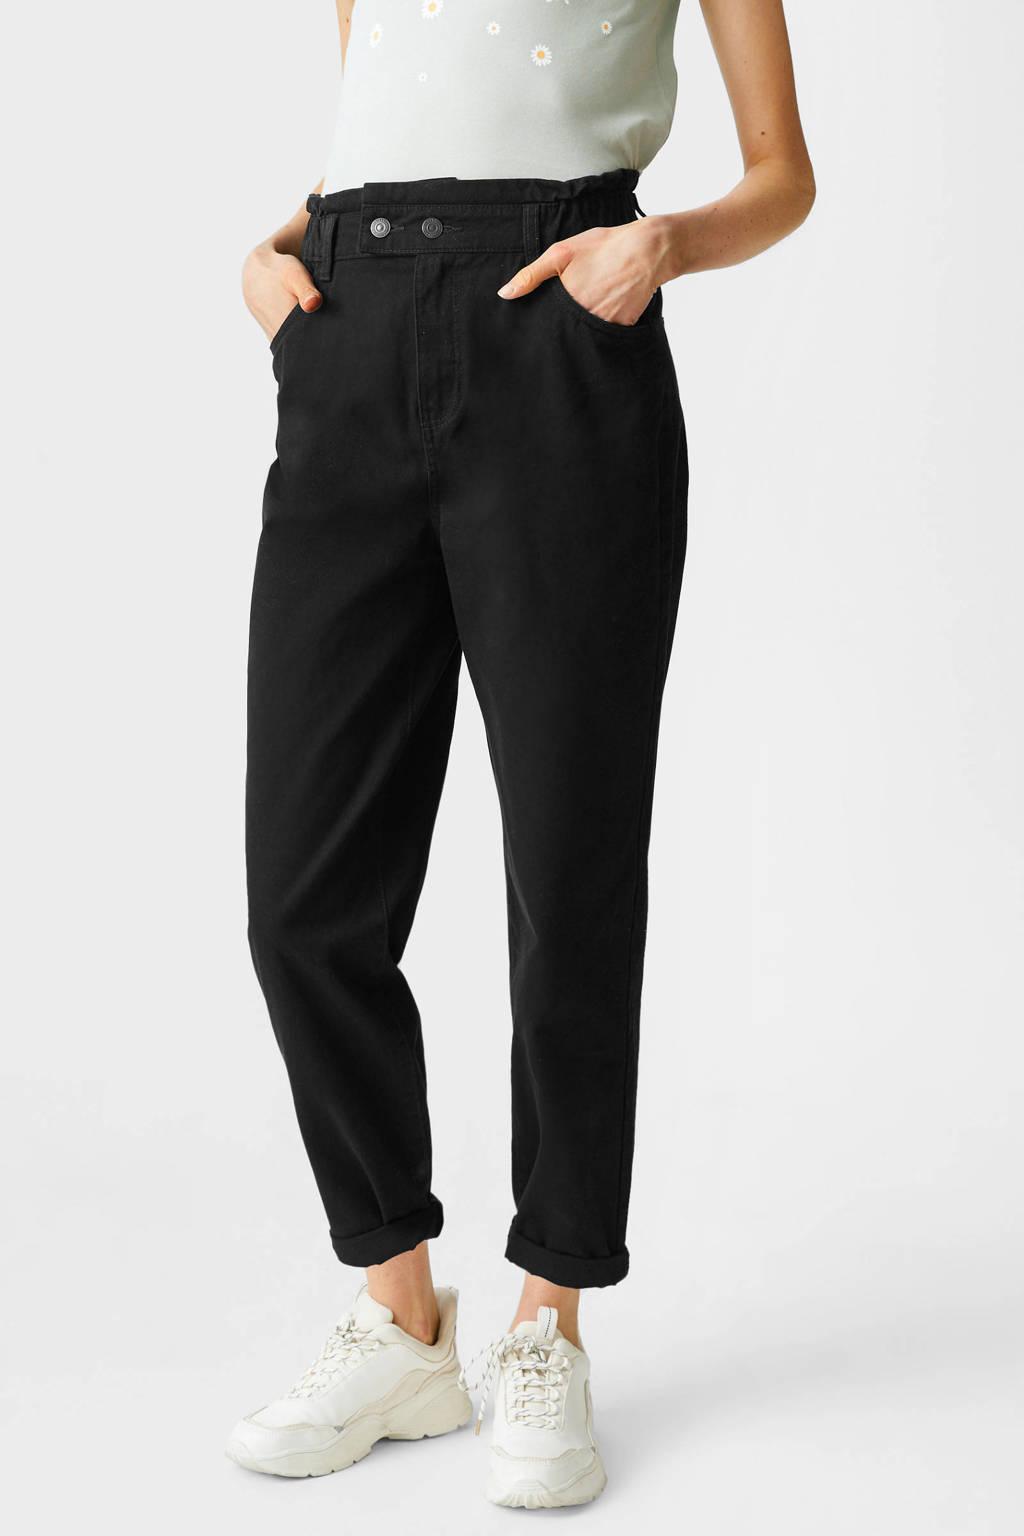 C&A Clockhouse high waist mom broek zwart, Zwart